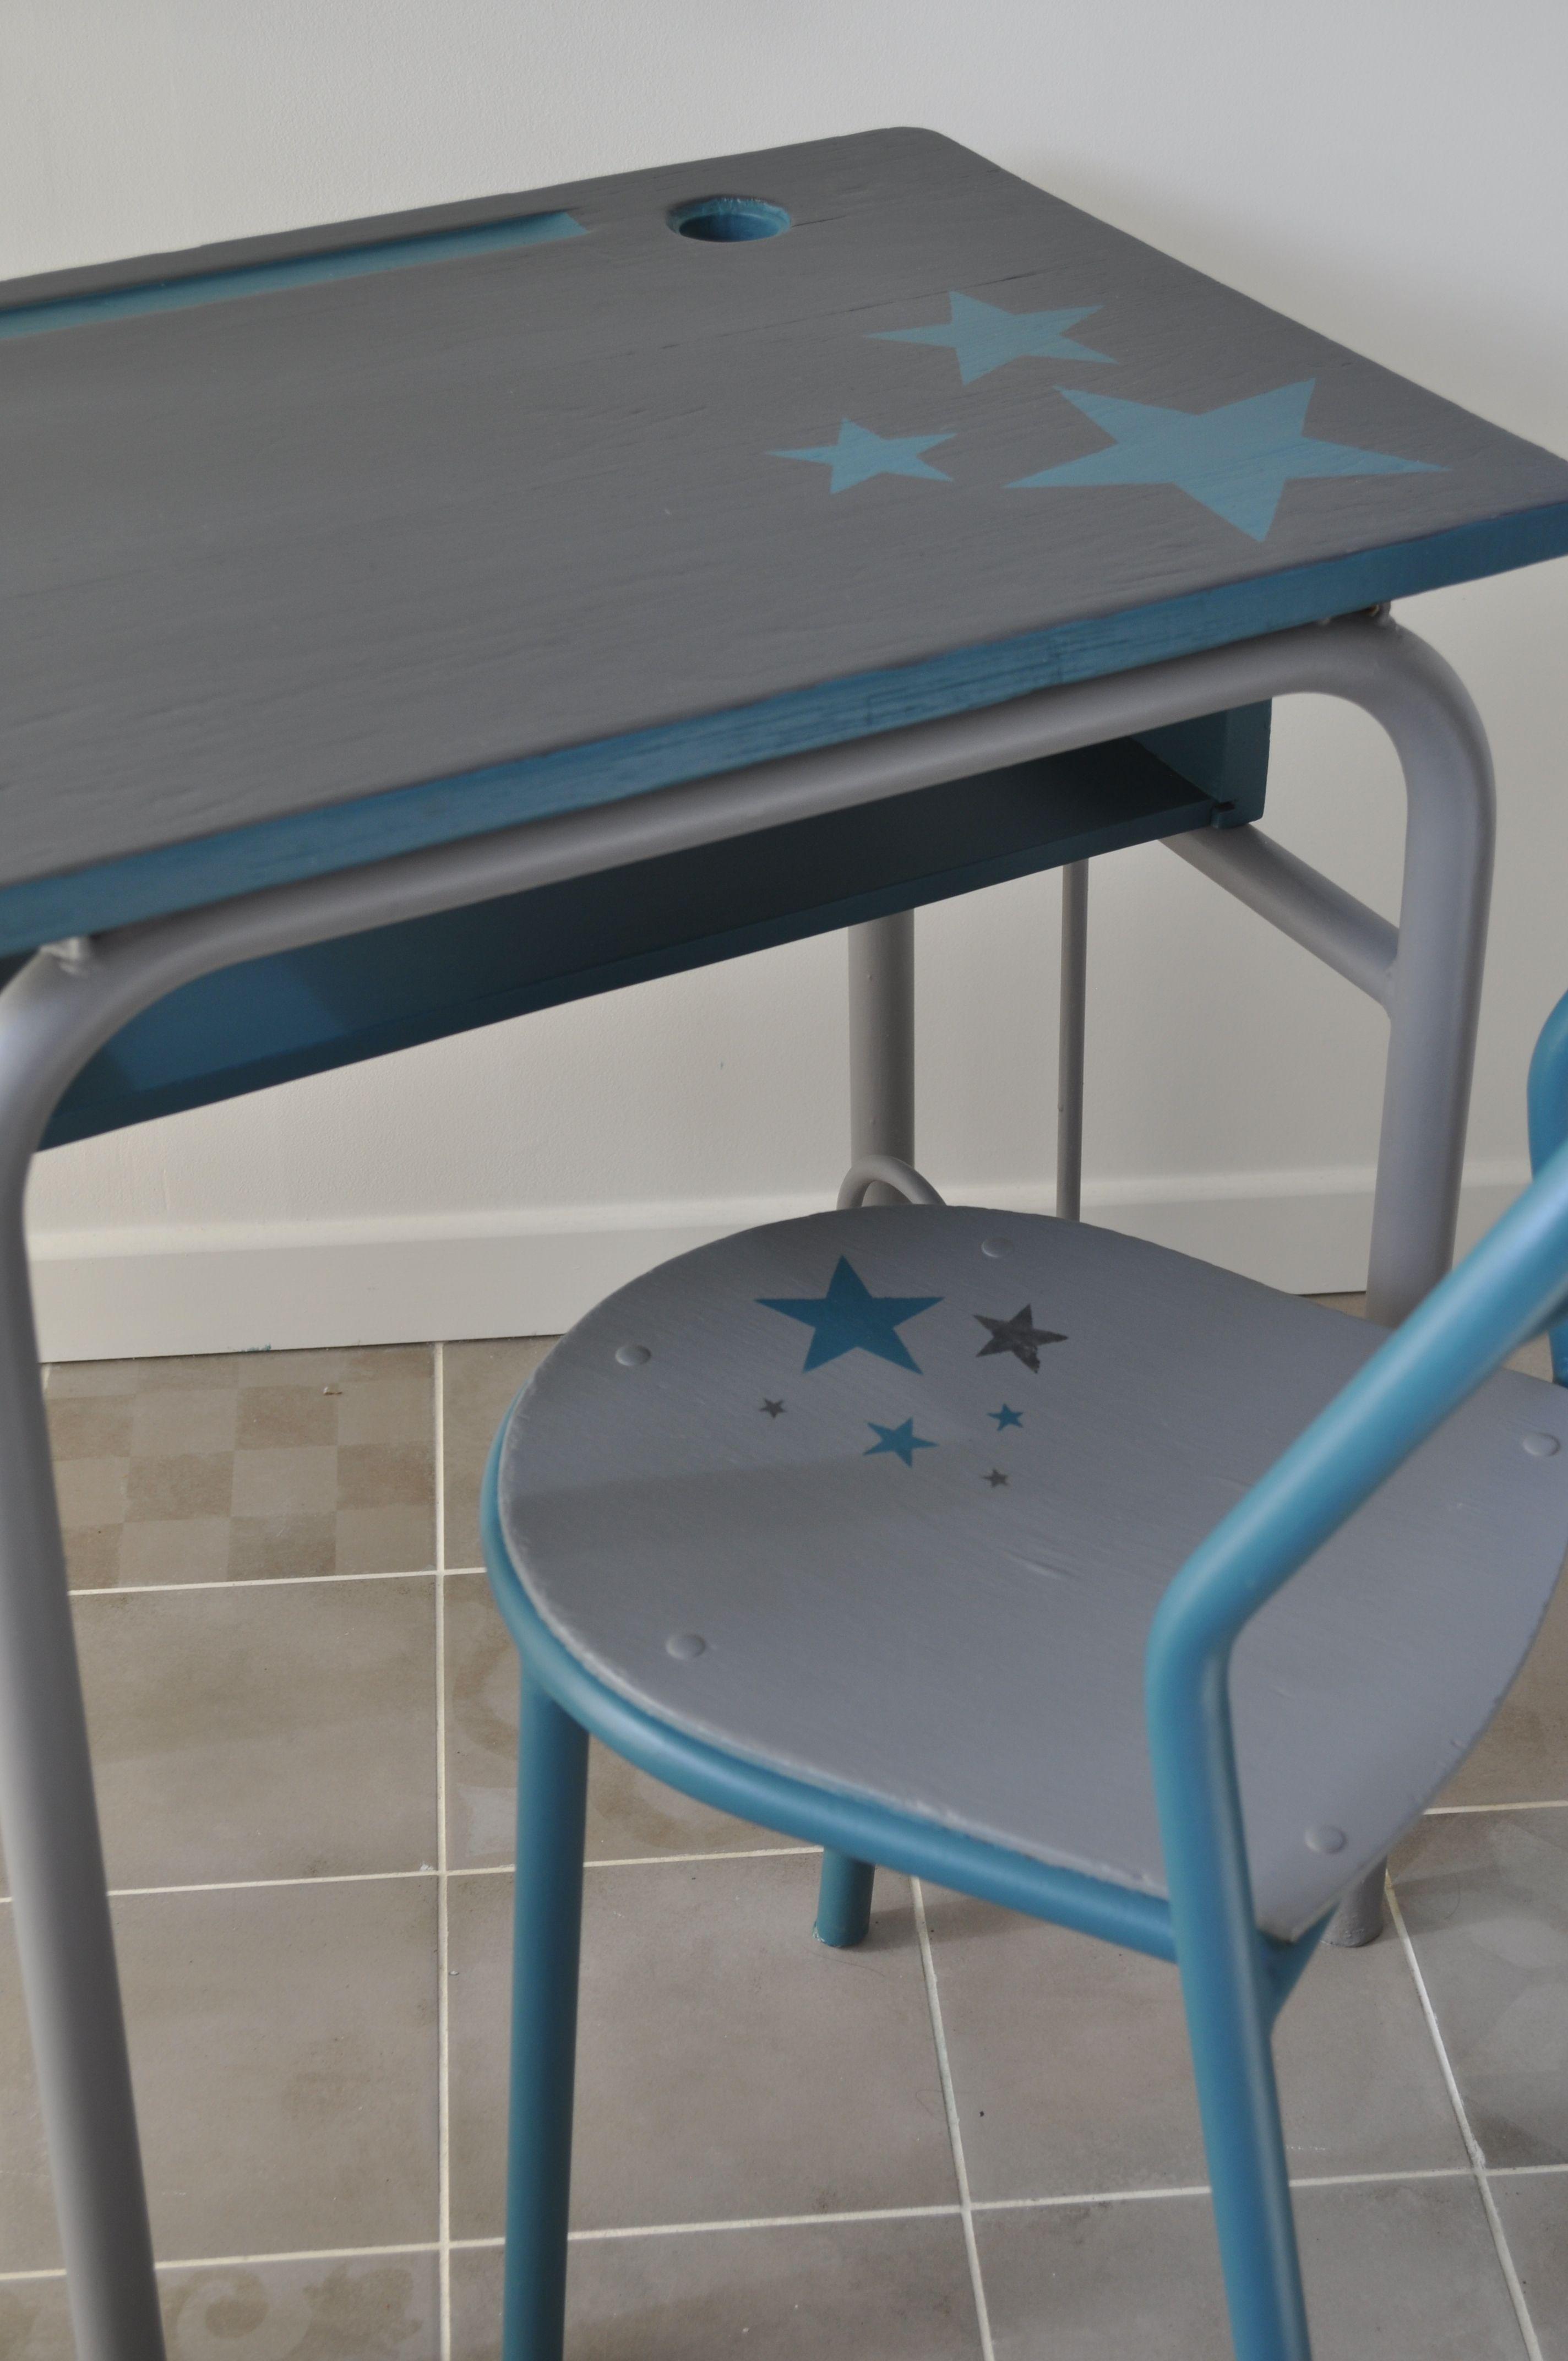 c80d6ba486d33a320521bf8269c8d093 Incroyable De Table Plus Chaise Des Idées